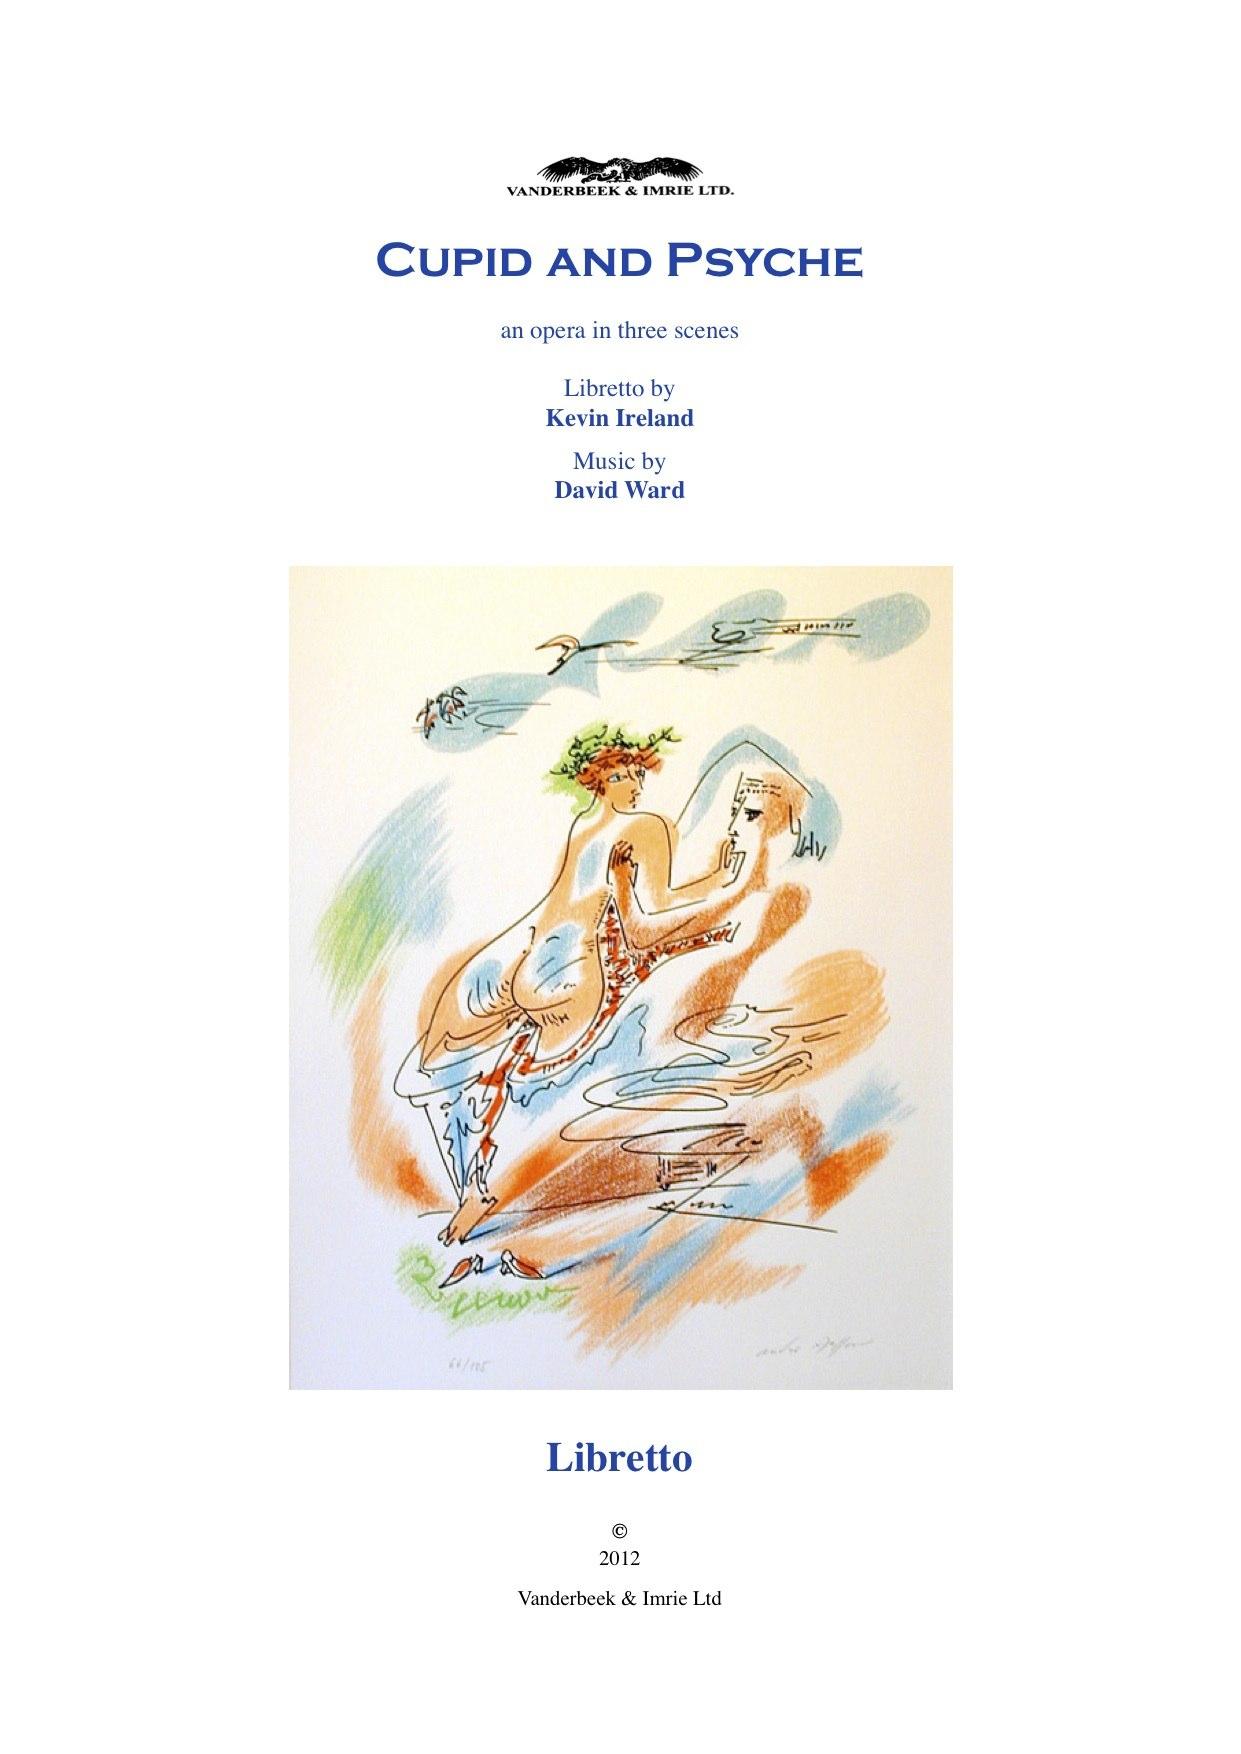 Cupid & Psyche Libretto cover